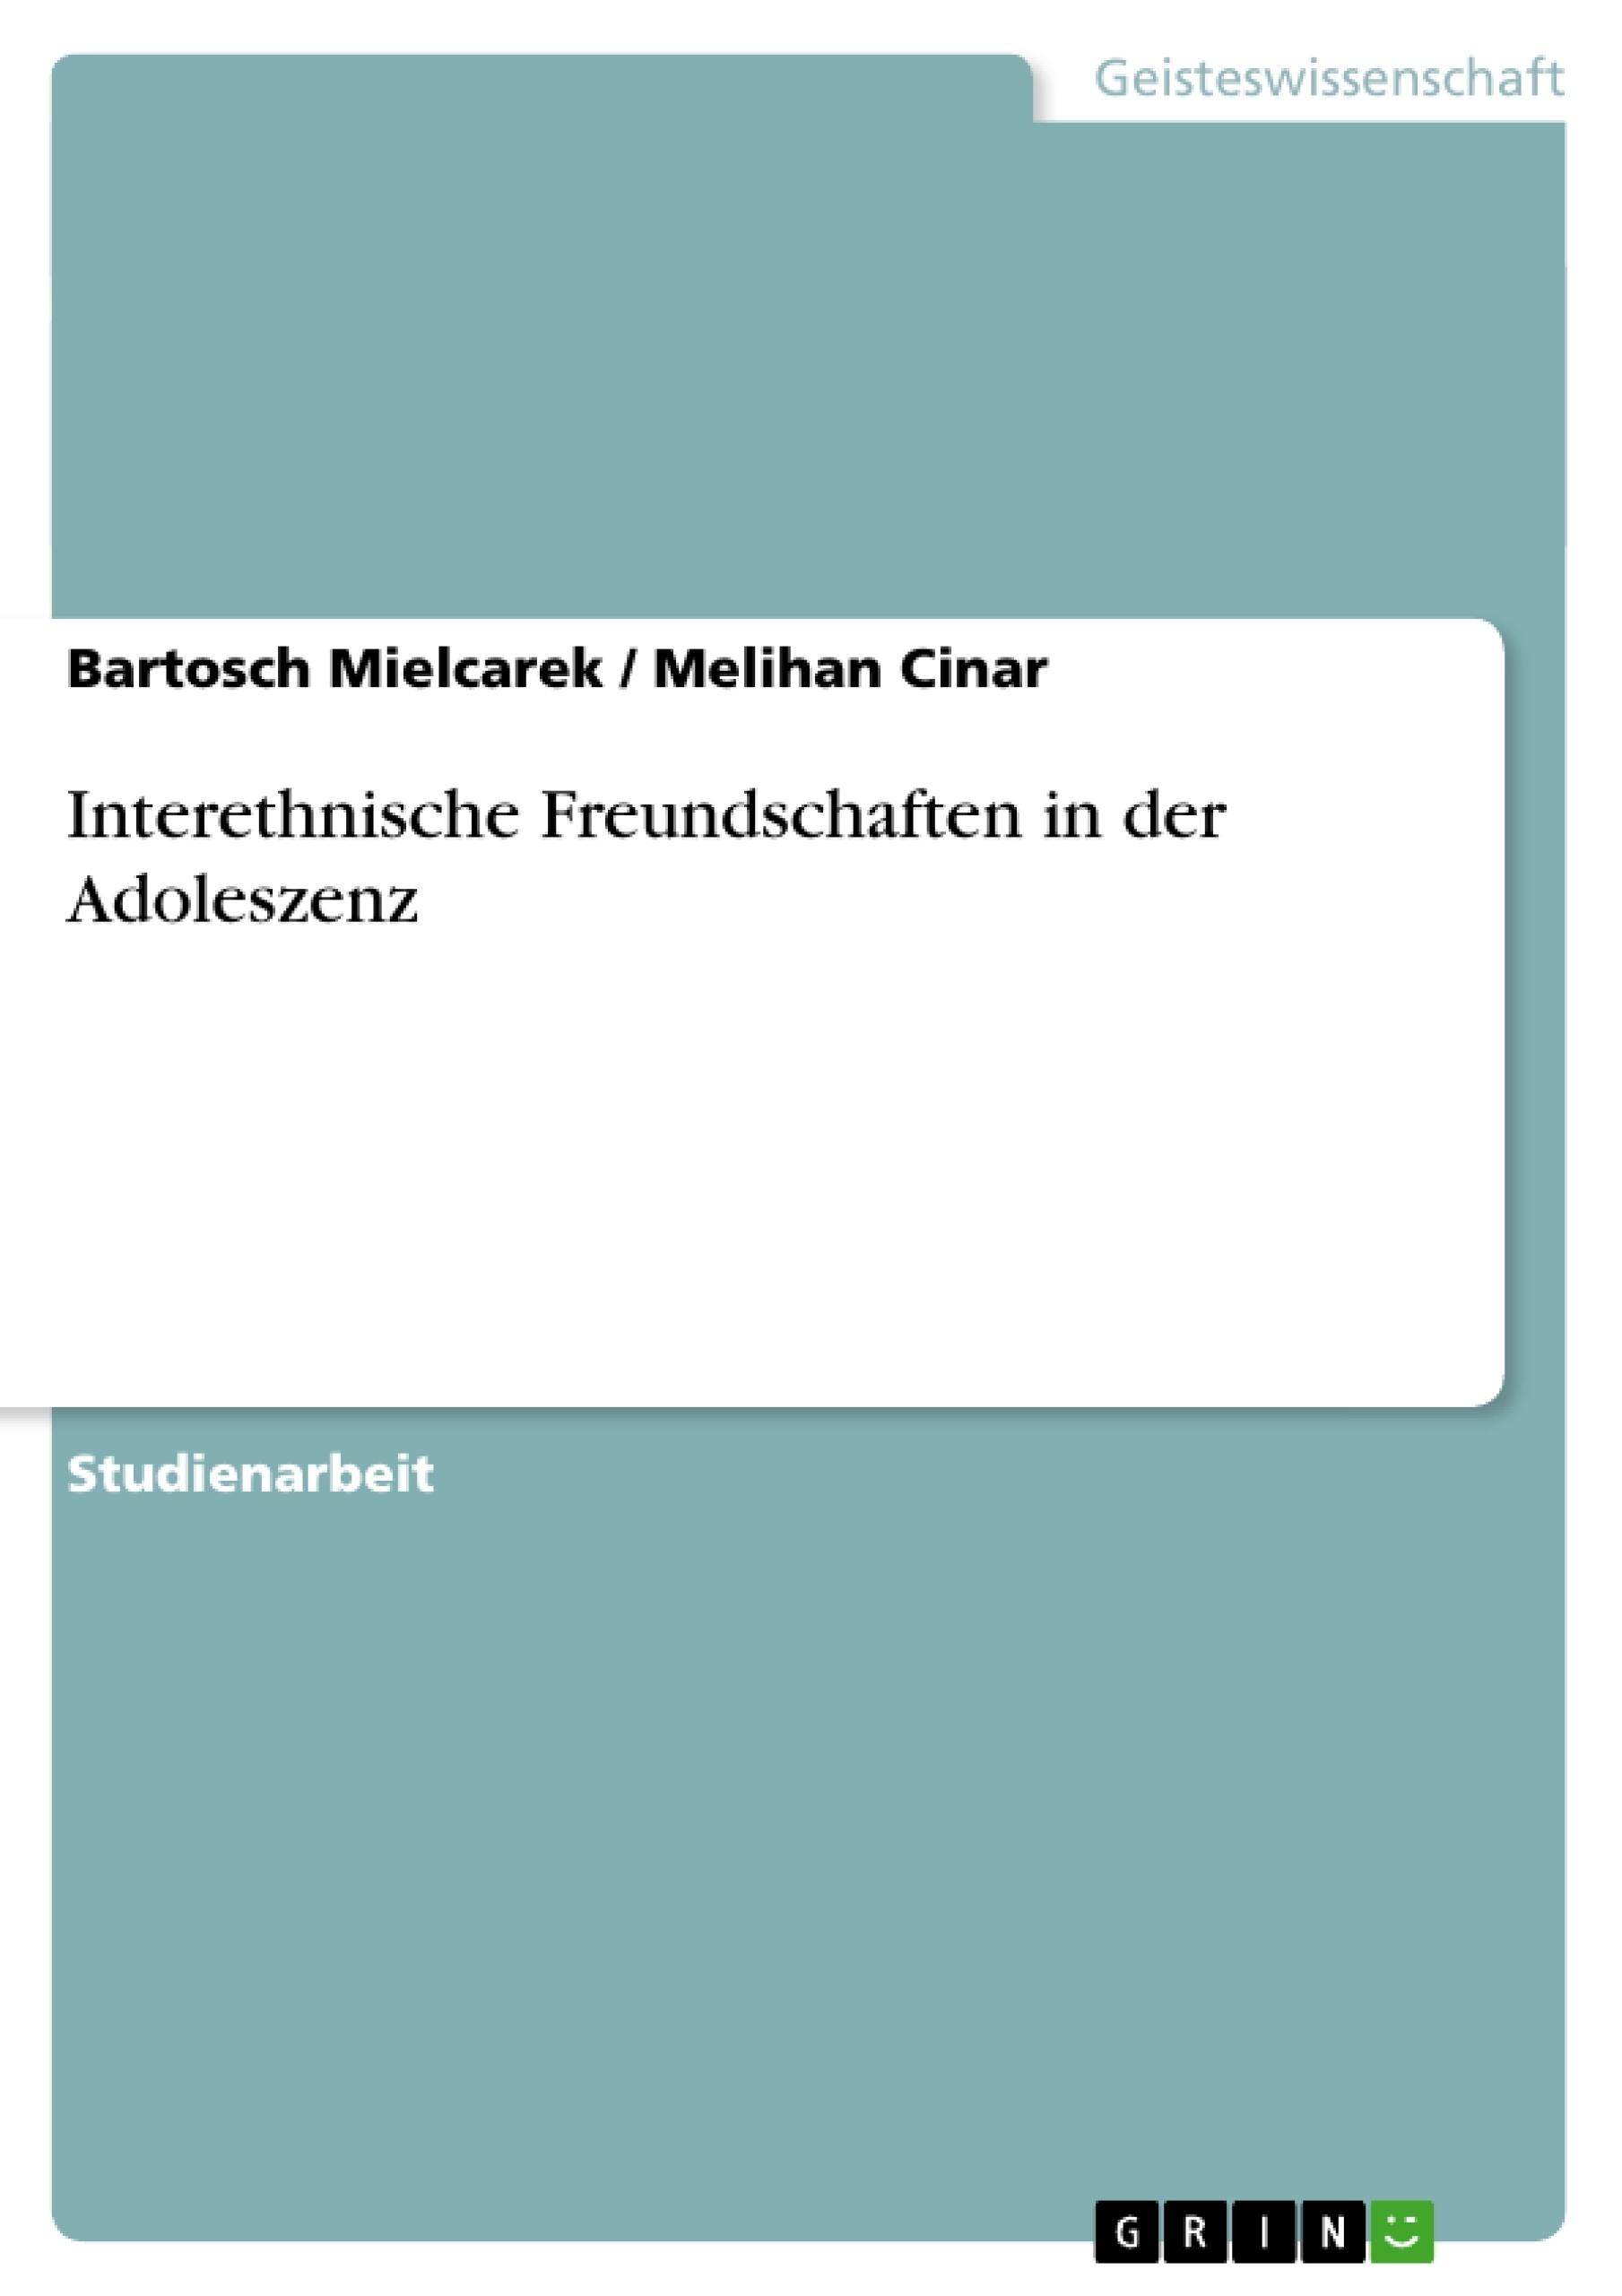 Titel: Interethnische Freundschaften in der Adoleszenz